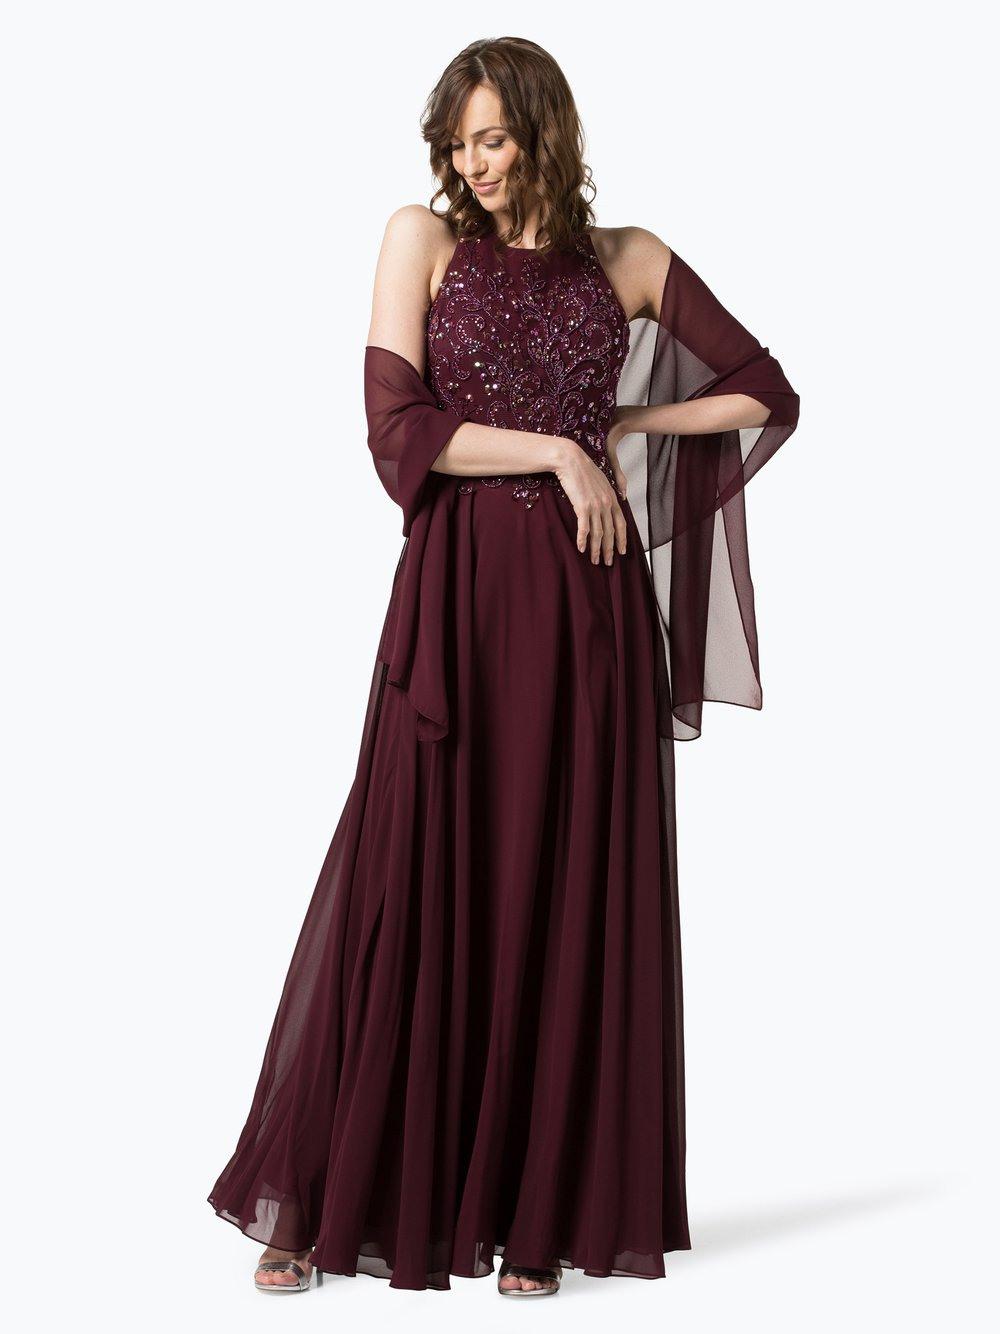 Formal Einzigartig Stola Abendkleid BoutiqueDesigner Cool Stola Abendkleid für 2019